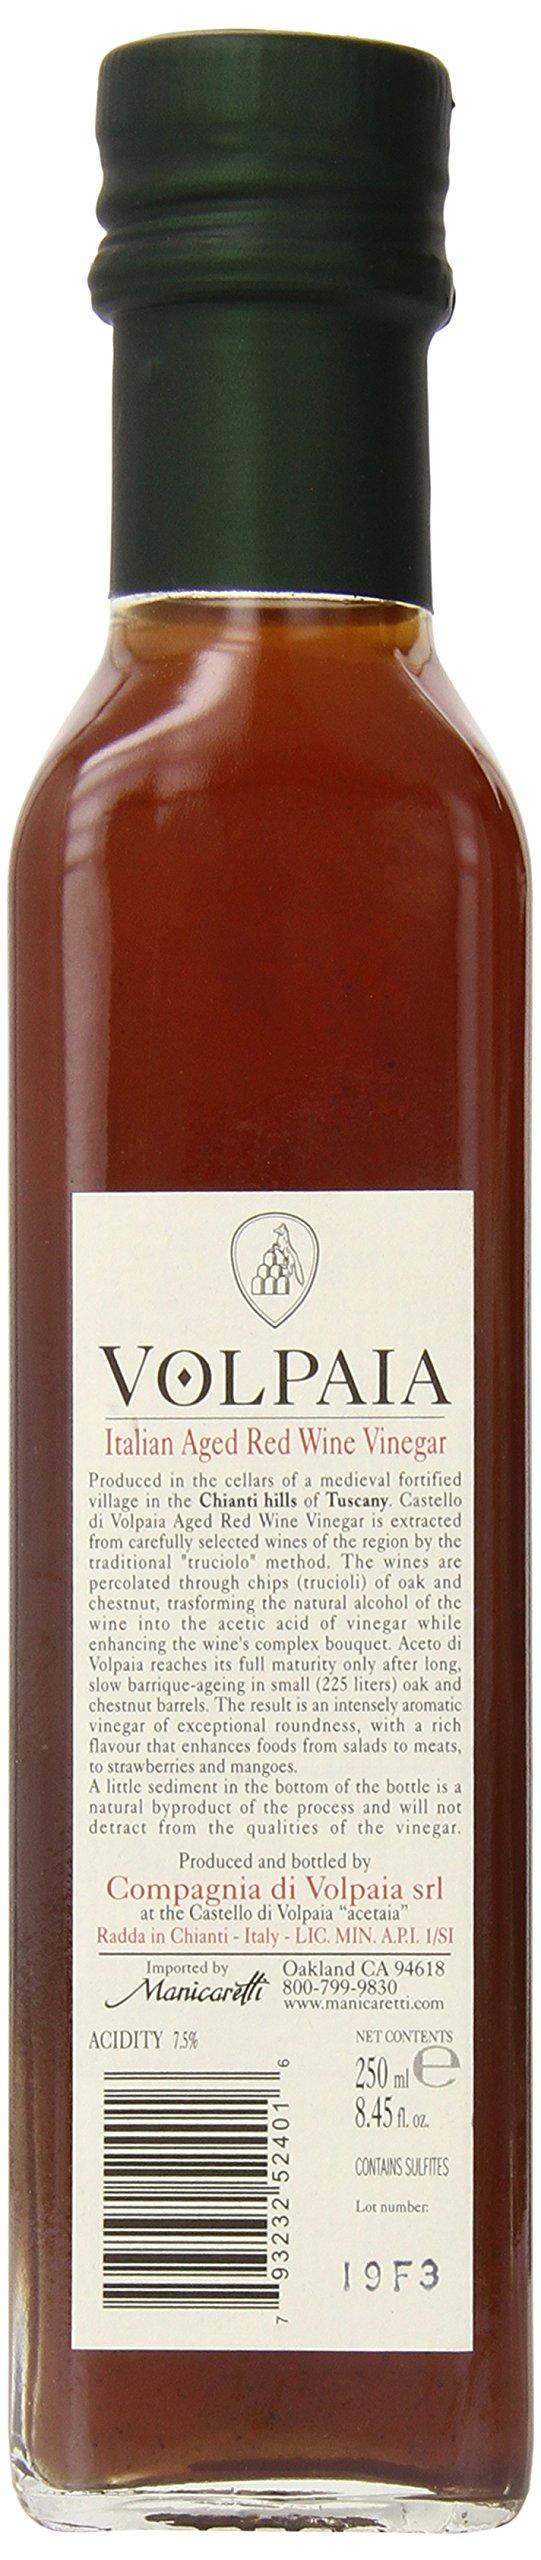 Costello Di Volpaia Tuscany Red Wine Vinegar, 8.8 Fluid Ounces by Costello Di Volpaia (Image #2)